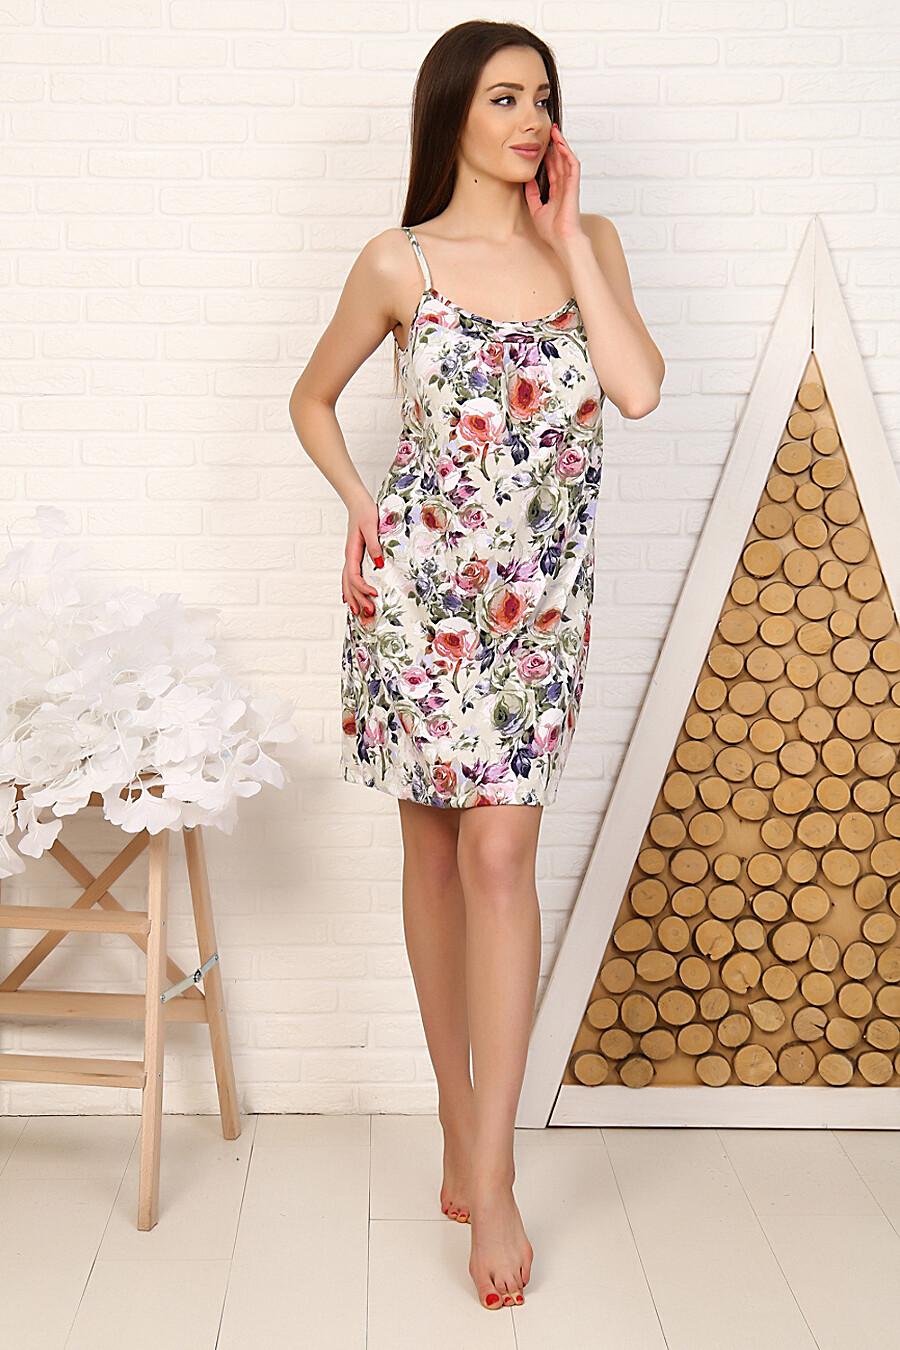 Сорочка 14536 для женщин НАТАЛИ 288655 купить оптом от производителя. Совместная покупка женской одежды в OptMoyo